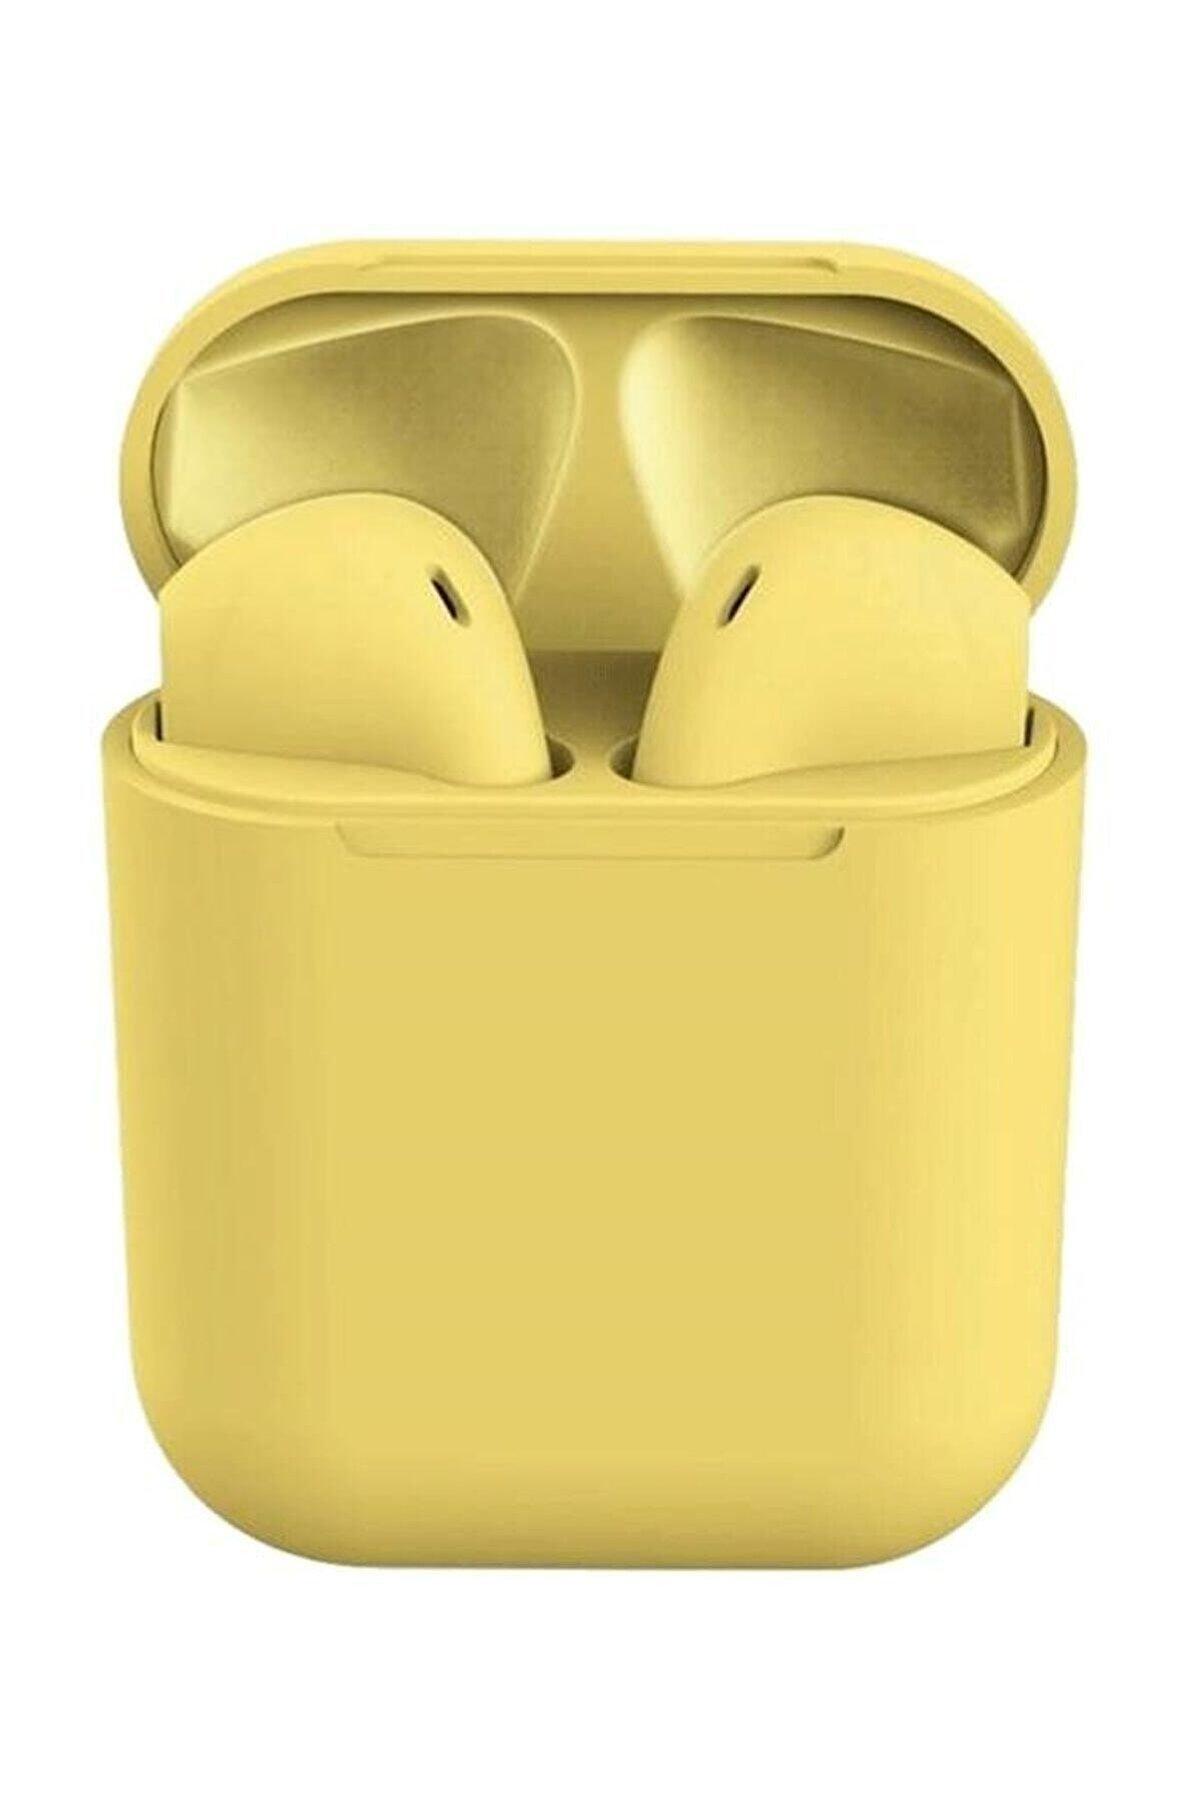 Tws I12 Sarı Iphone Android Universal Bluetooth Kulaklık Hd Ses Kalitesi